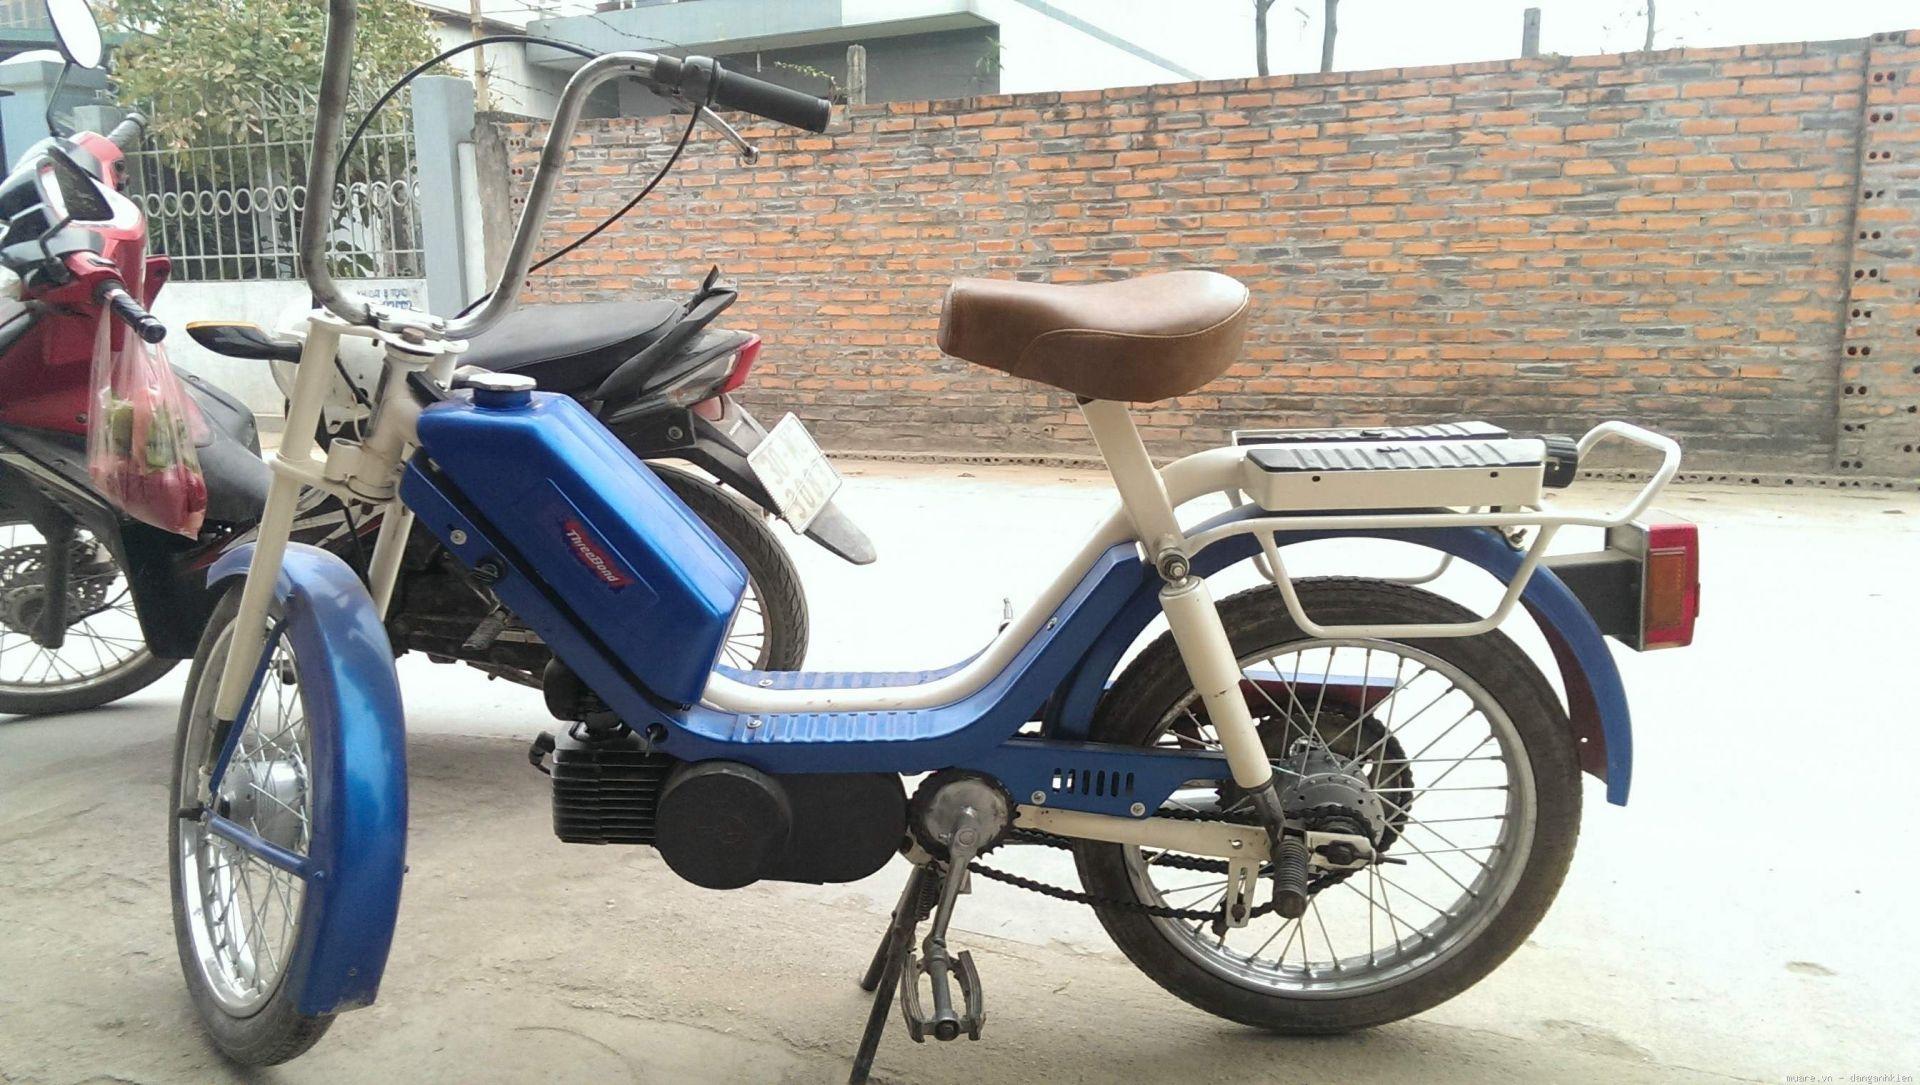 Chiếc xe máy đầu tiên - ước mơ thời bao cấp - Hình 5